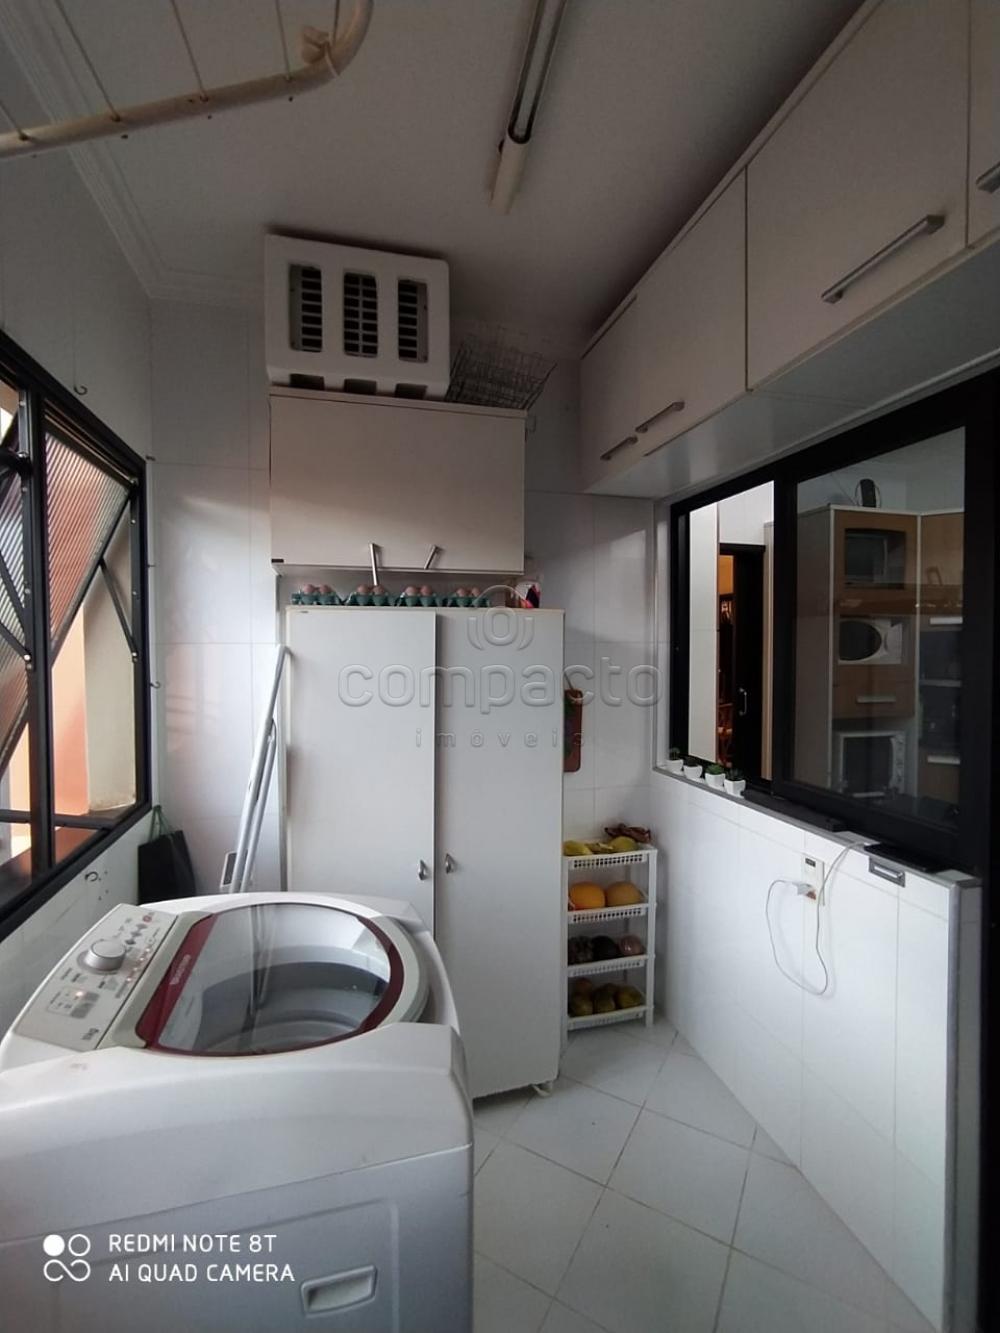 Comprar Apartamento / Padrão em São José do Rio Preto apenas R$ 615.000,00 - Foto 18